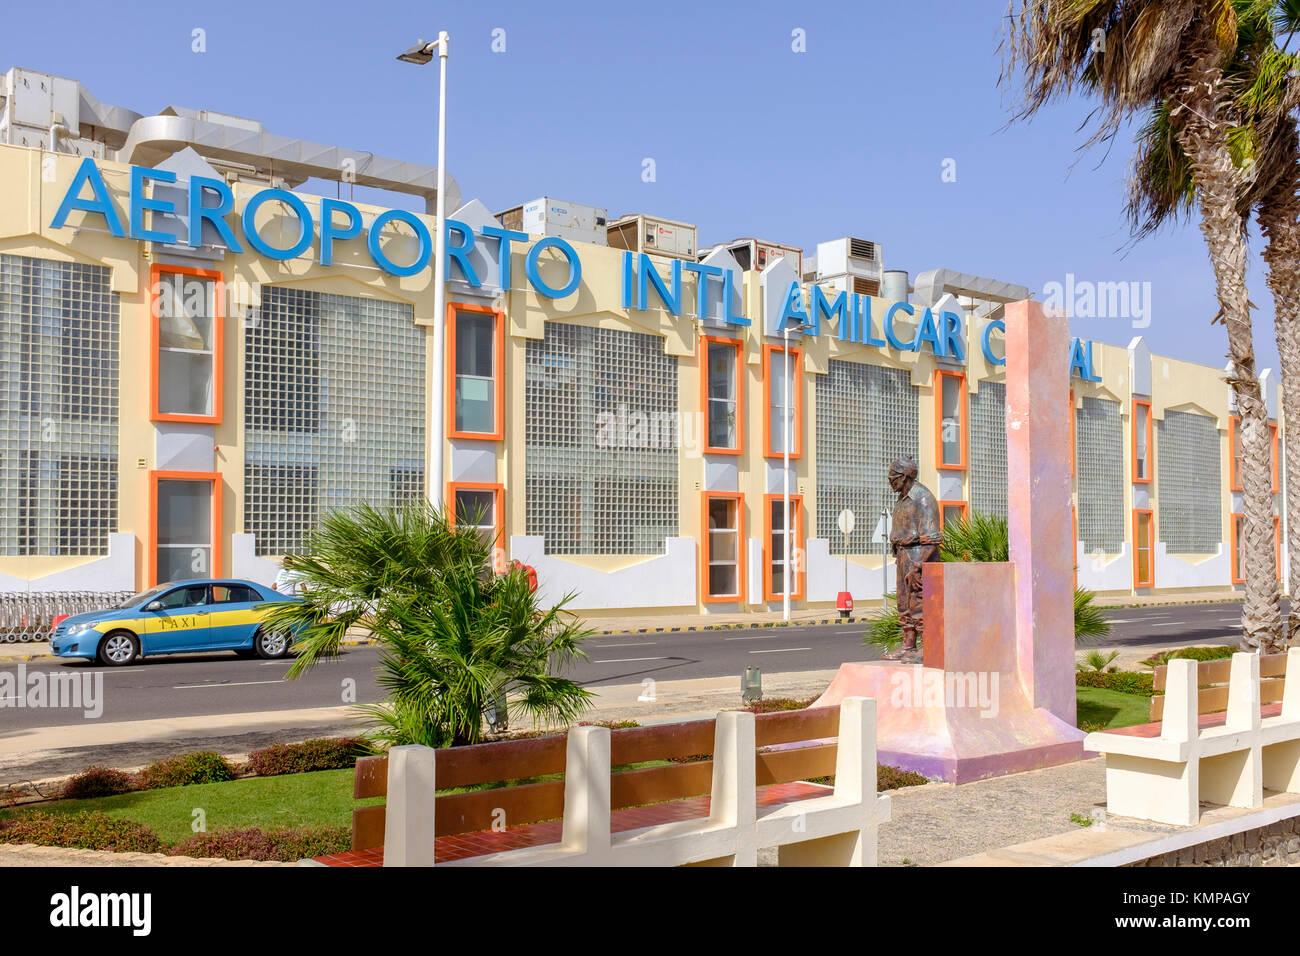 El Aeropuerto Internacional de Amilcar Cabral, Cabo Verde, África Imagen De Stock